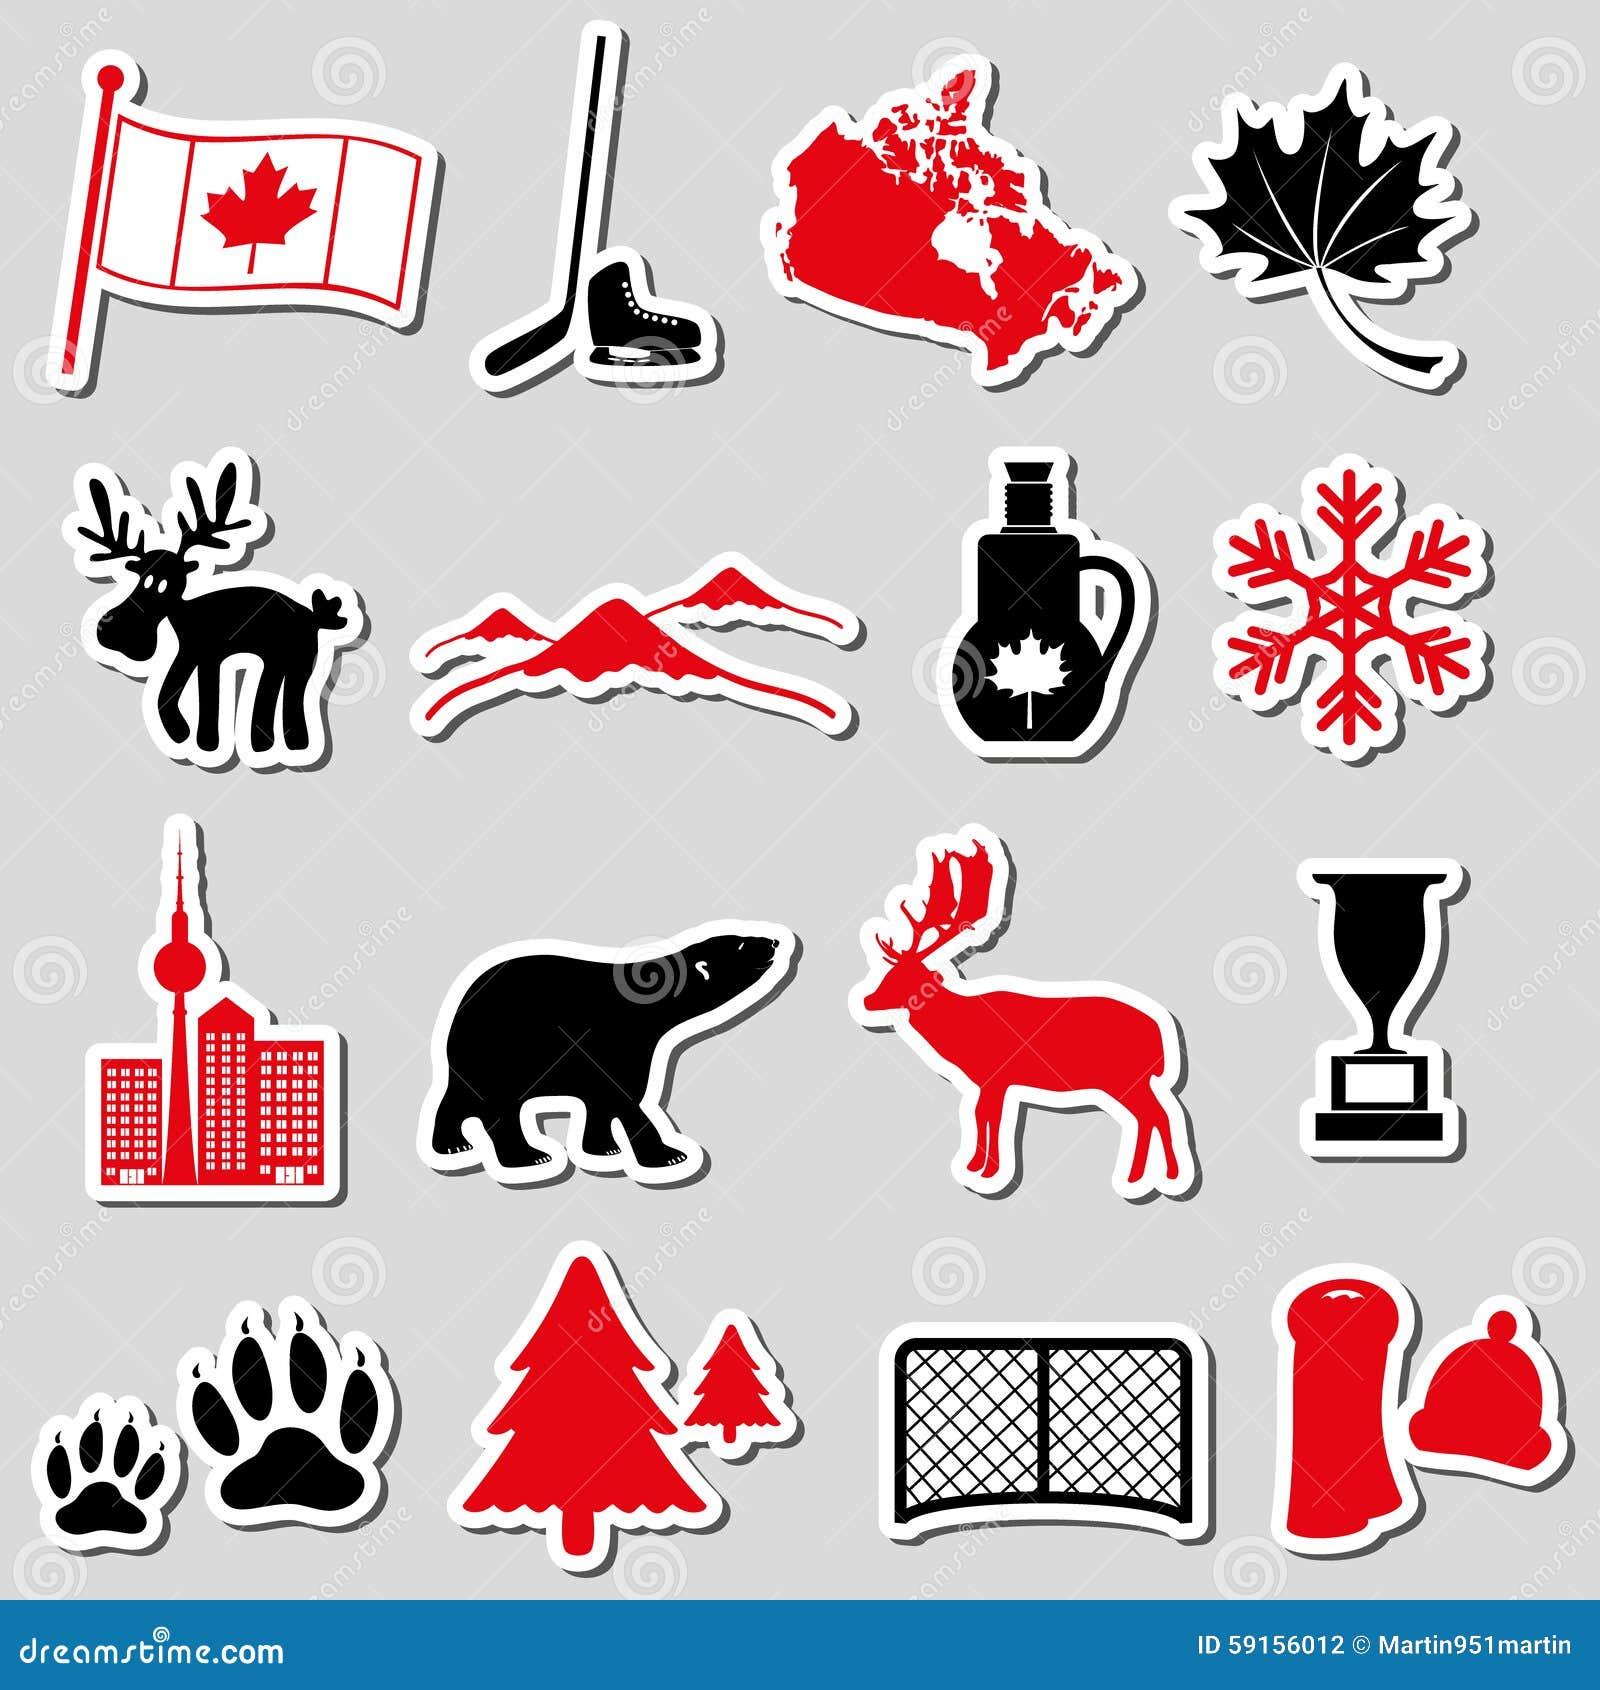 Graphic Design Prices Canada